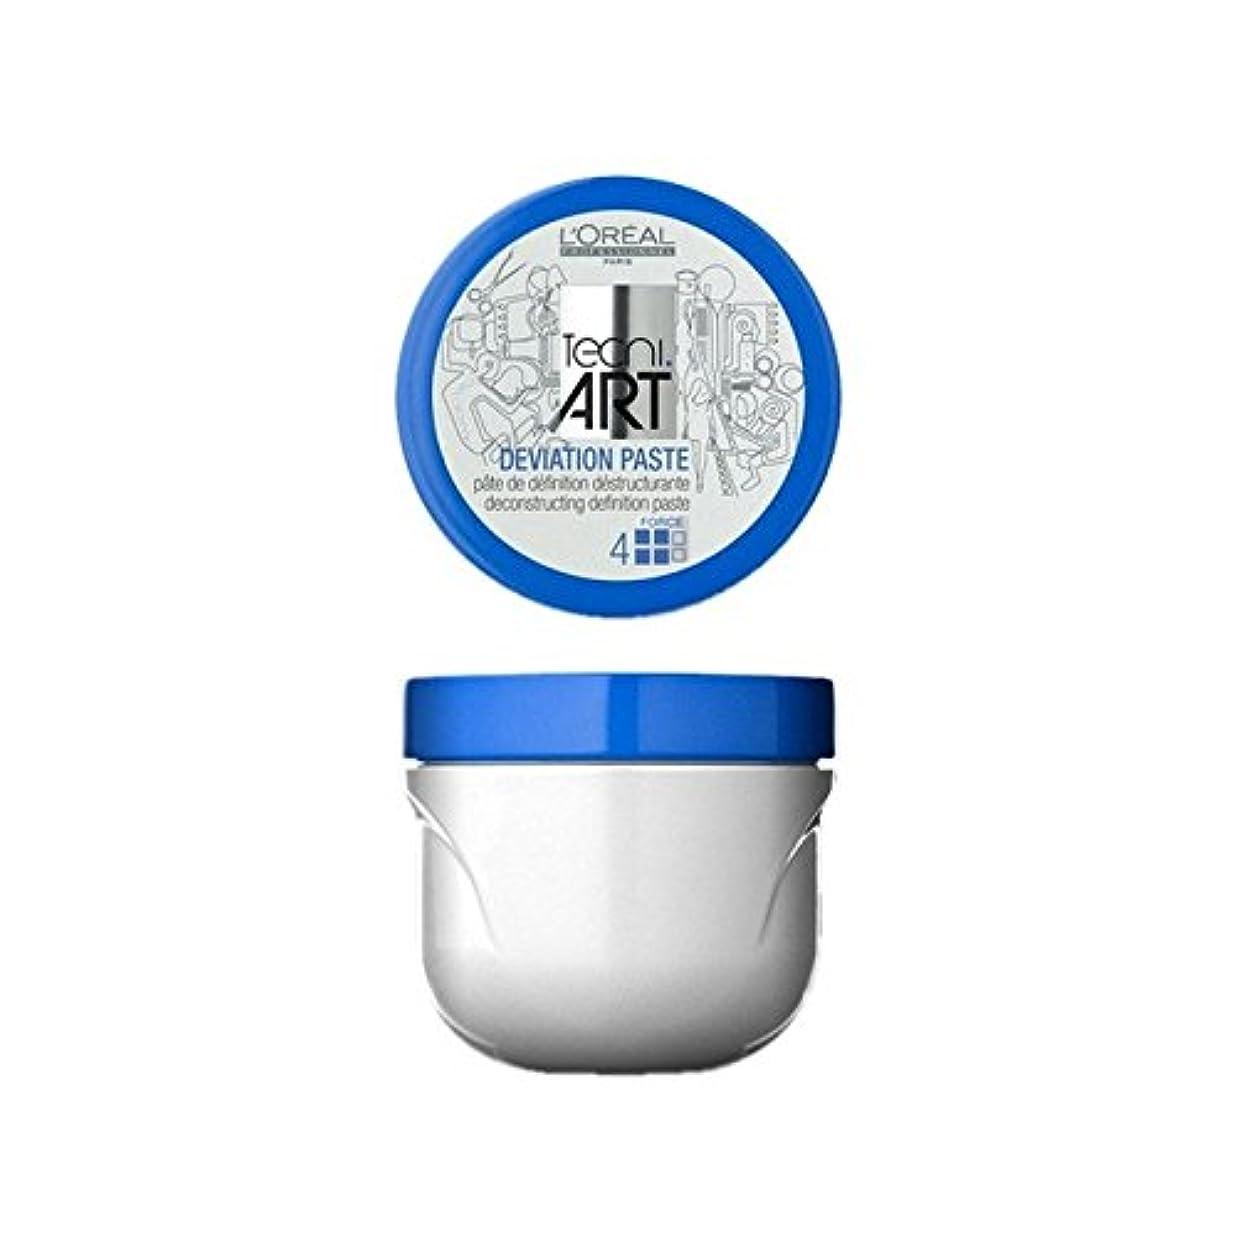 芸術的カメラ格納L'Oreal Professionnel Tecni Art Deviation Paste (100ml) (Pack of 6) - ロレアルプロフェッショナル技術偏差ペースト(100)に x6 [並行輸入品]